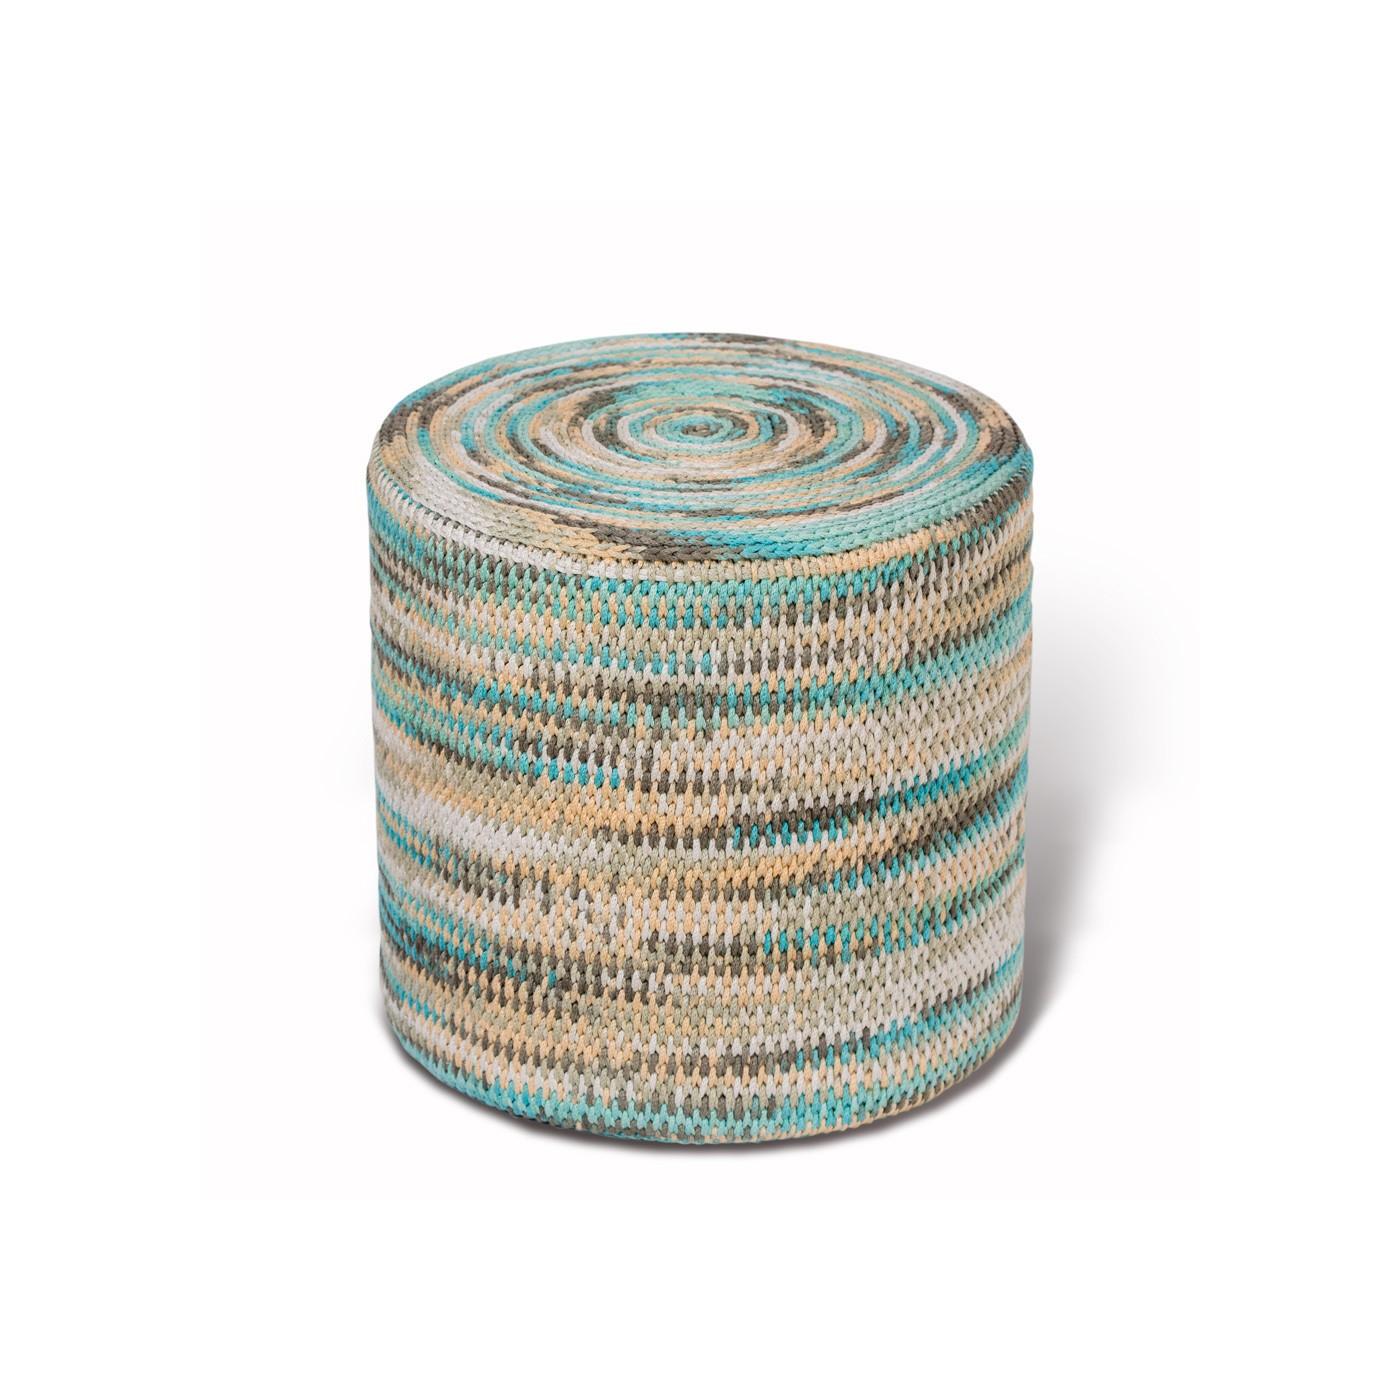 ПуфФорменные пуфы<br>Дизайнерский уникальный пуф ручной работы. Чехол сплетен из бамбуковых веревок бирюзово-бежевого цвета, мягкое войлочное дно. Наполнитель — формованный высококачественный ППУ, поэтому такой пуф можно использовать вместо табурета или ставить на него поднос с едой.&amp;lt;div&amp;gt;&amp;lt;br&amp;gt;&amp;lt;/div&amp;gt;&amp;lt;div&amp;gt;Гарантия на форму 5 лет&amp;lt;/div&amp;gt;<br><br>Material: Текстиль<br>Высота см: 47